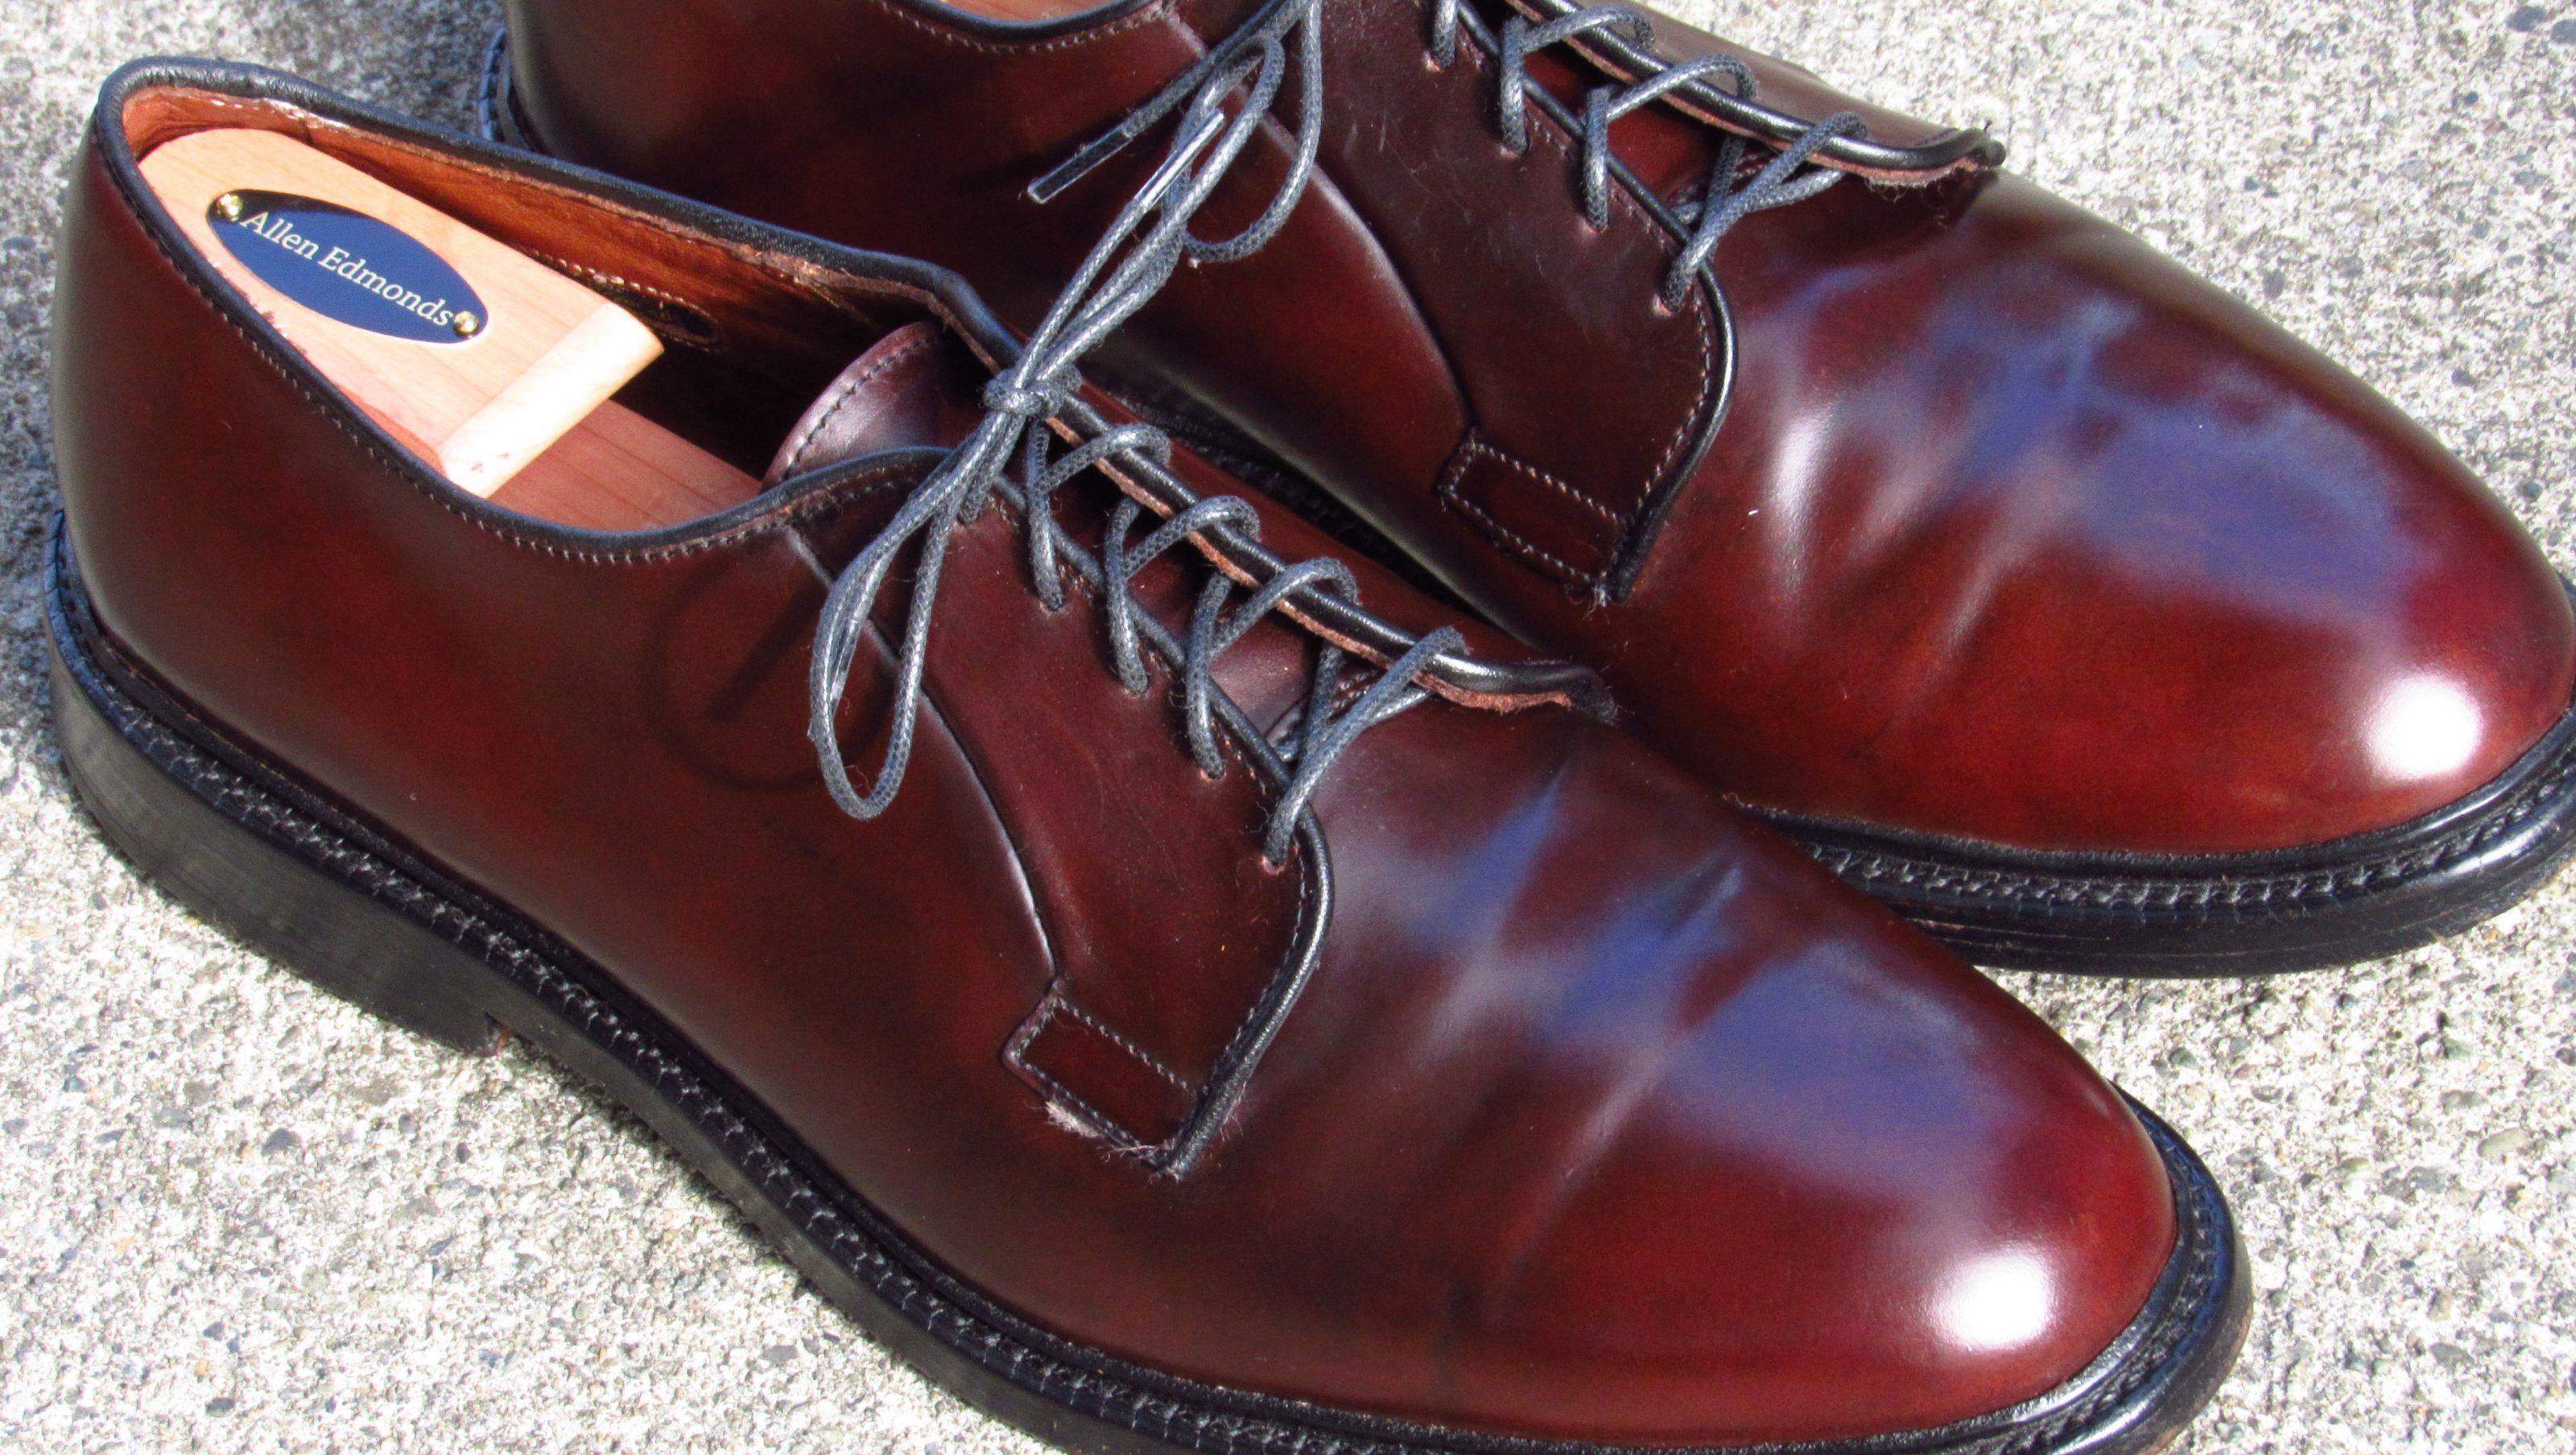 Allen Edmonds Cordovan Leather Shoes